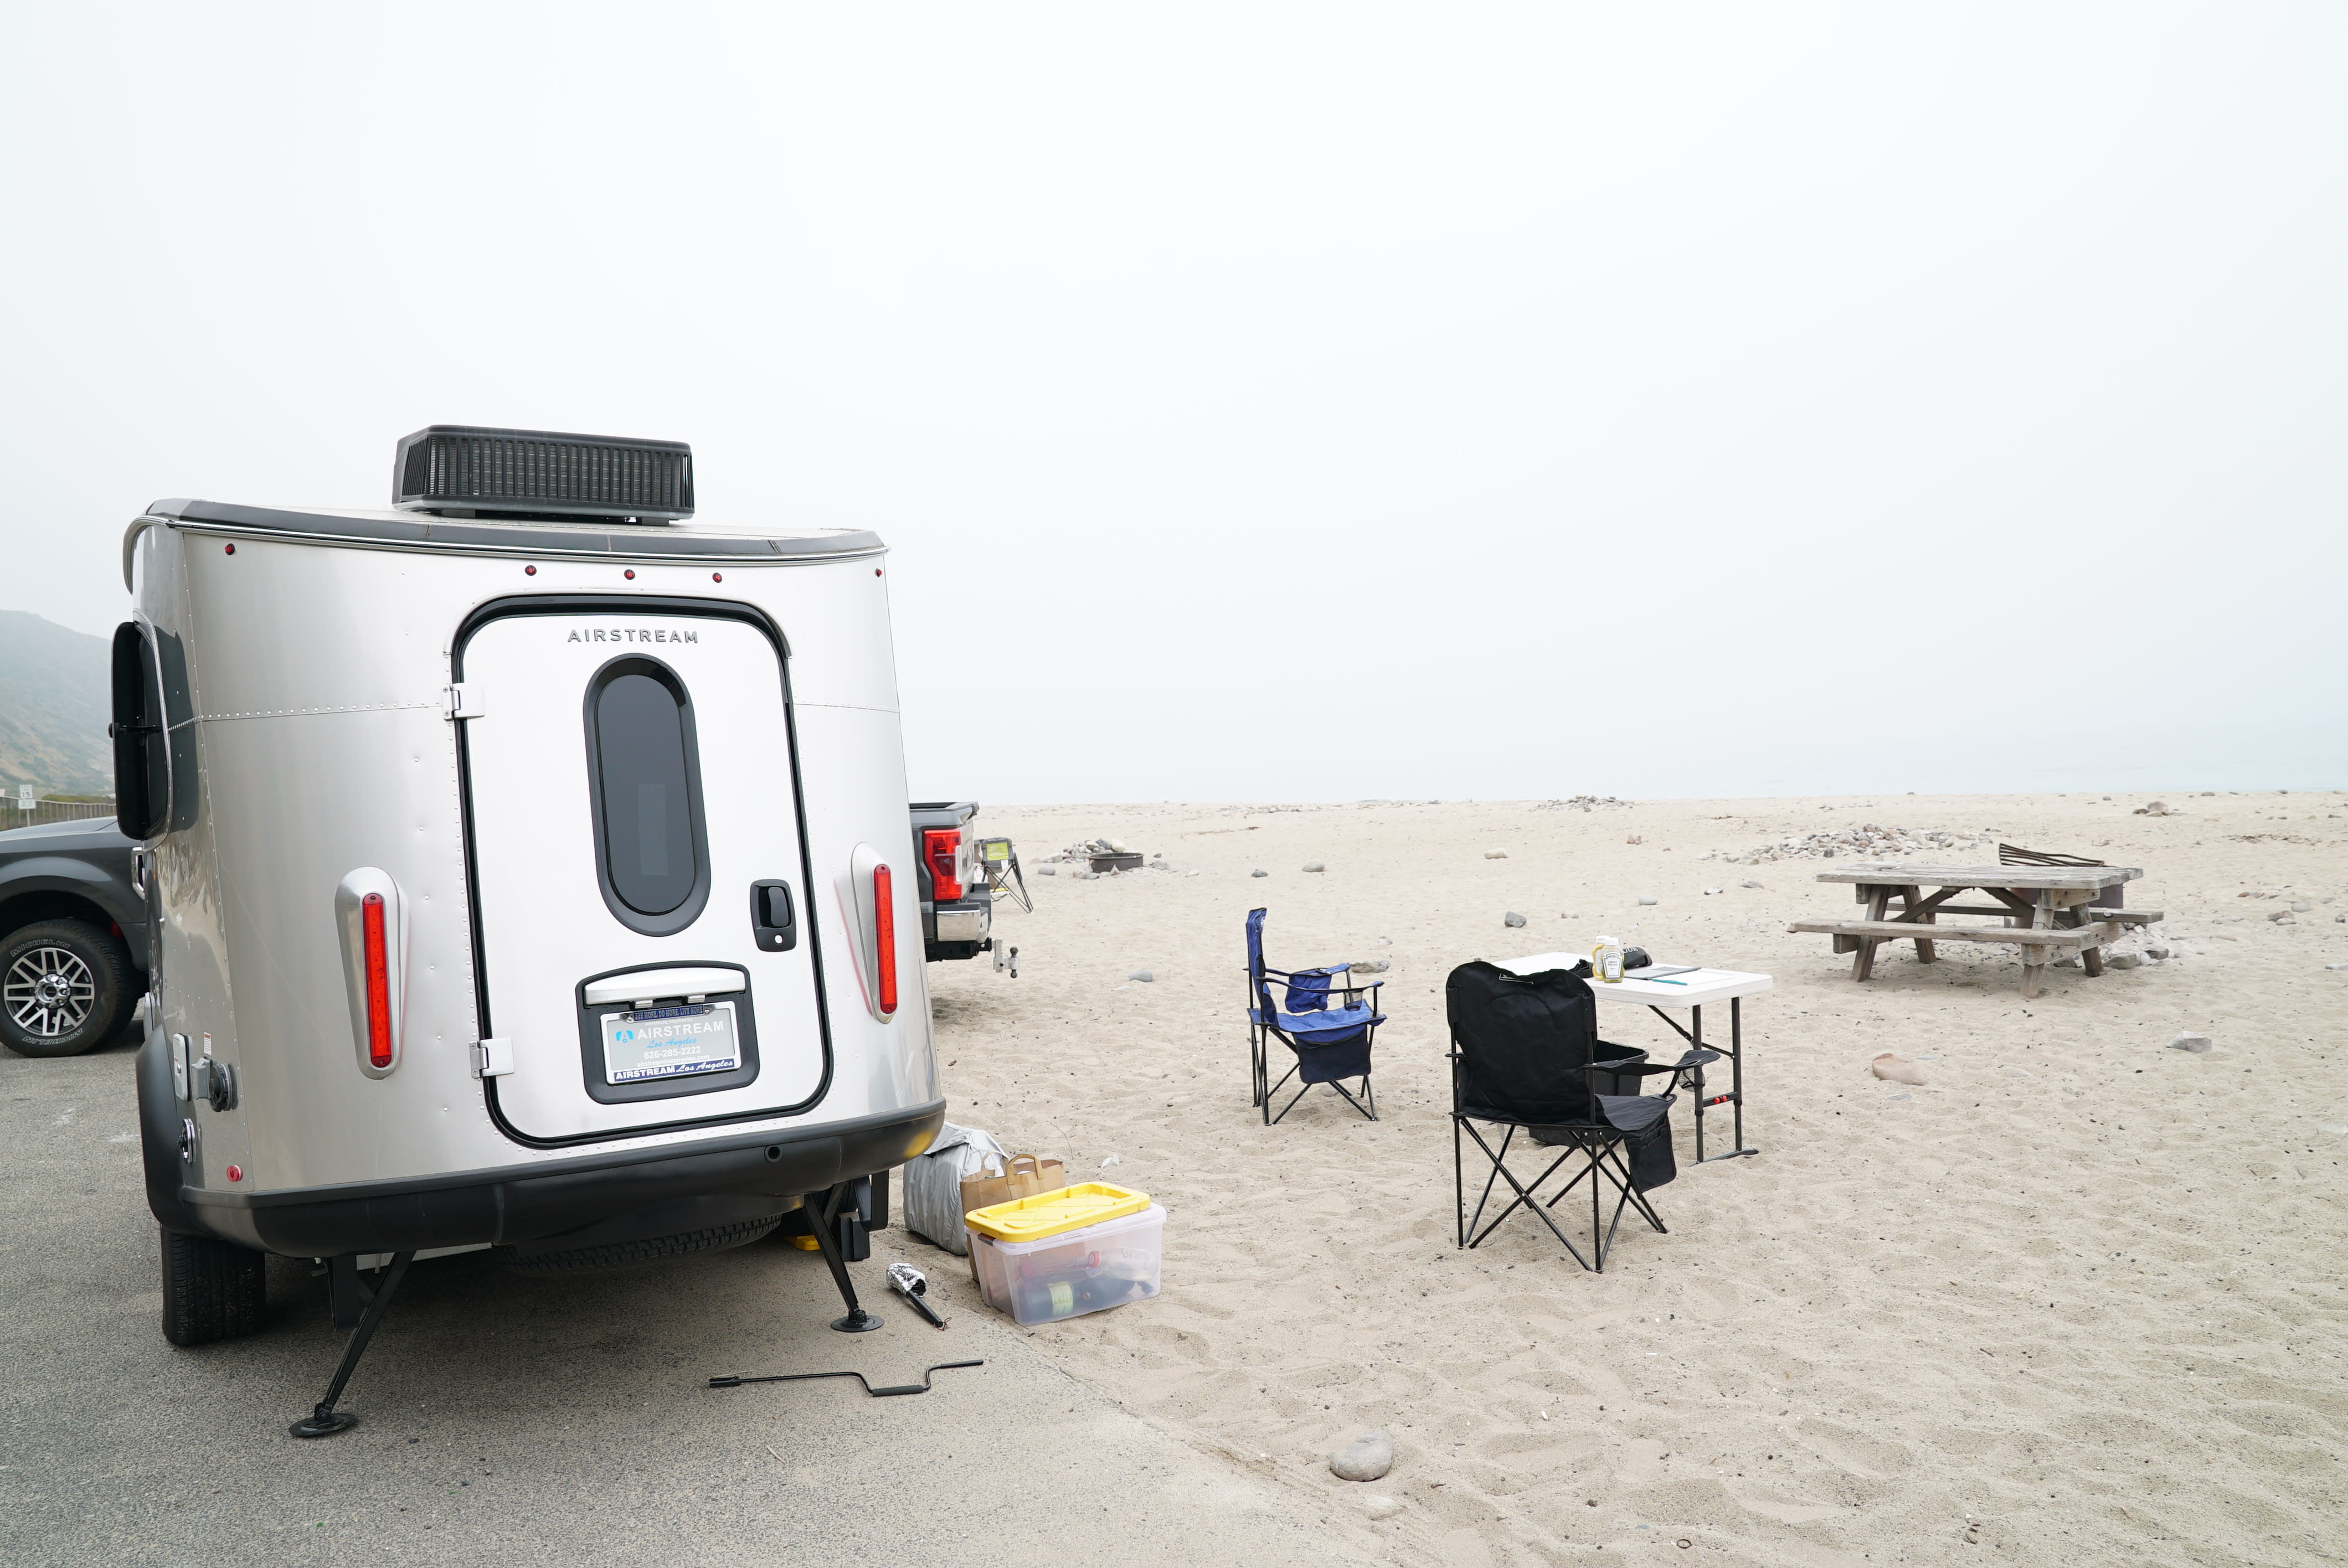 Malibu State Beach Camping. Airstream Base Camp 2017